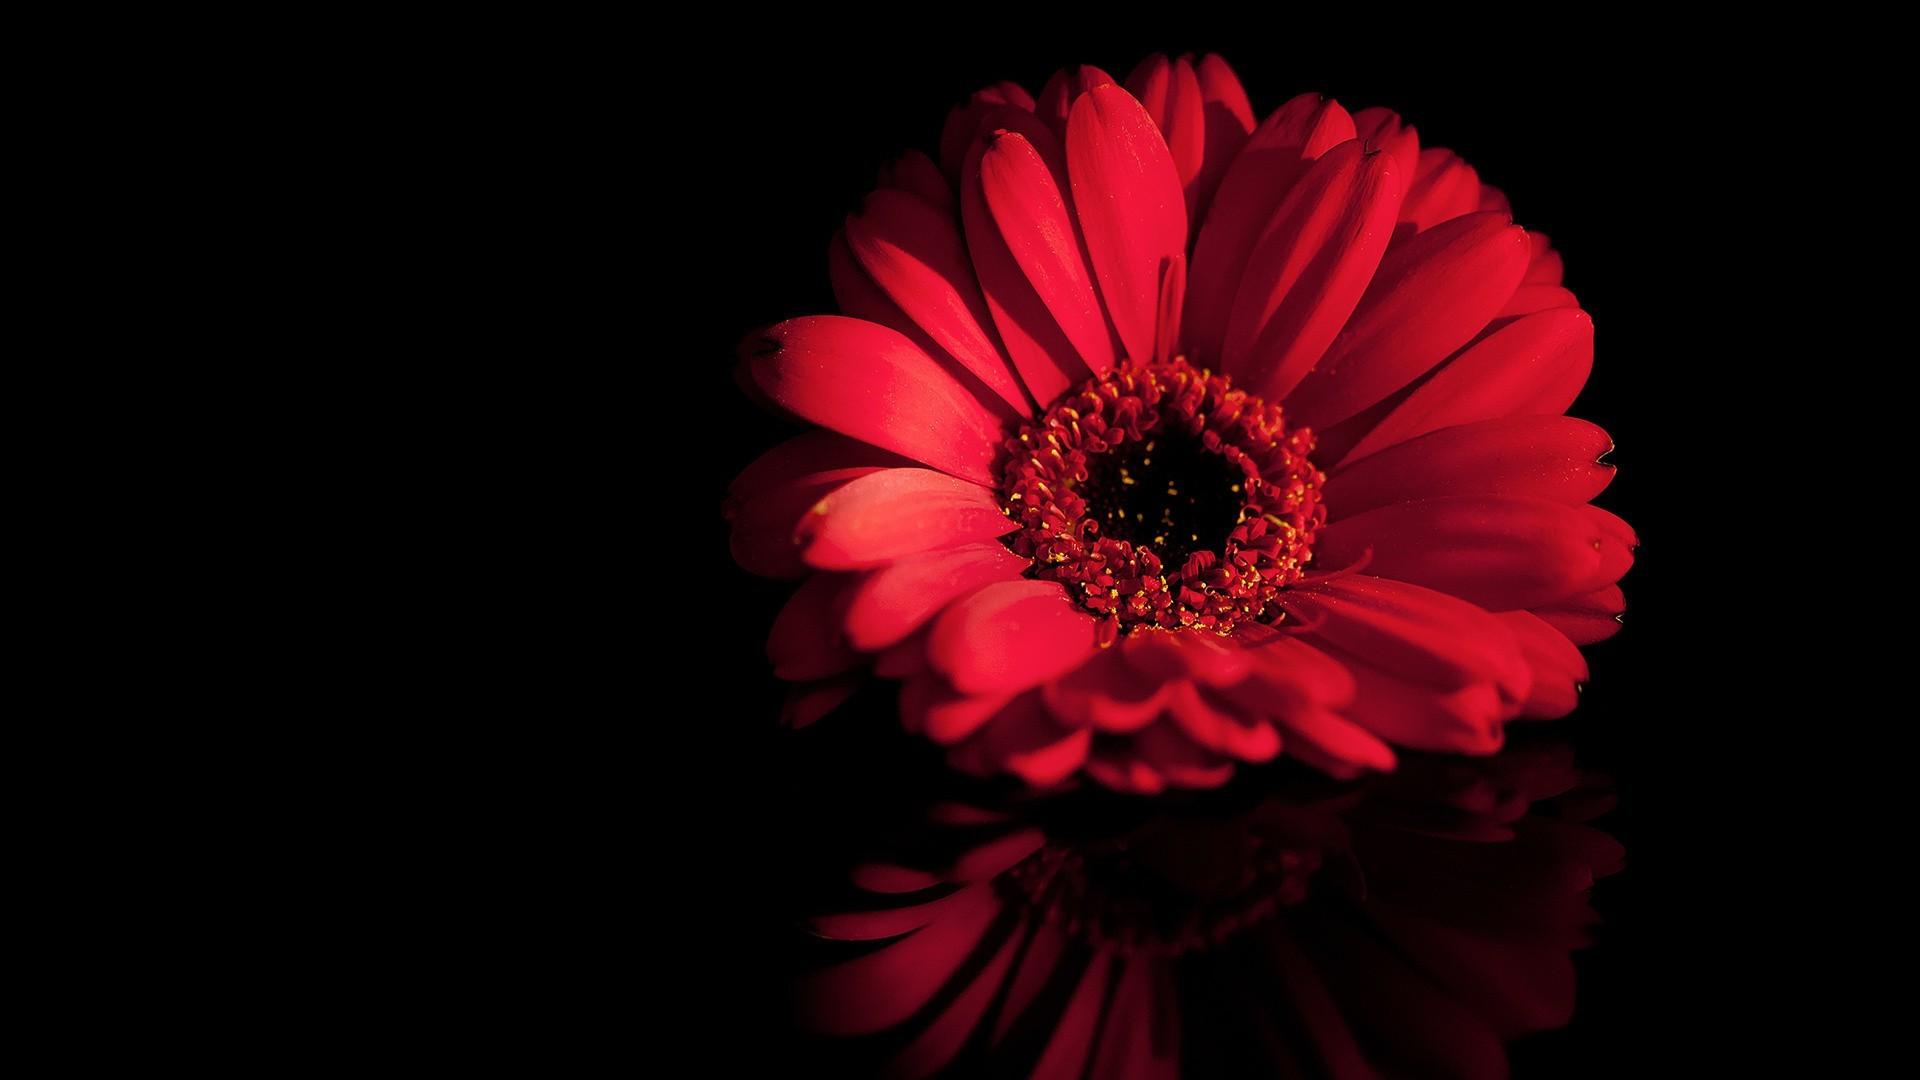 Обои на рабочий стол красные цветы на черном фоне